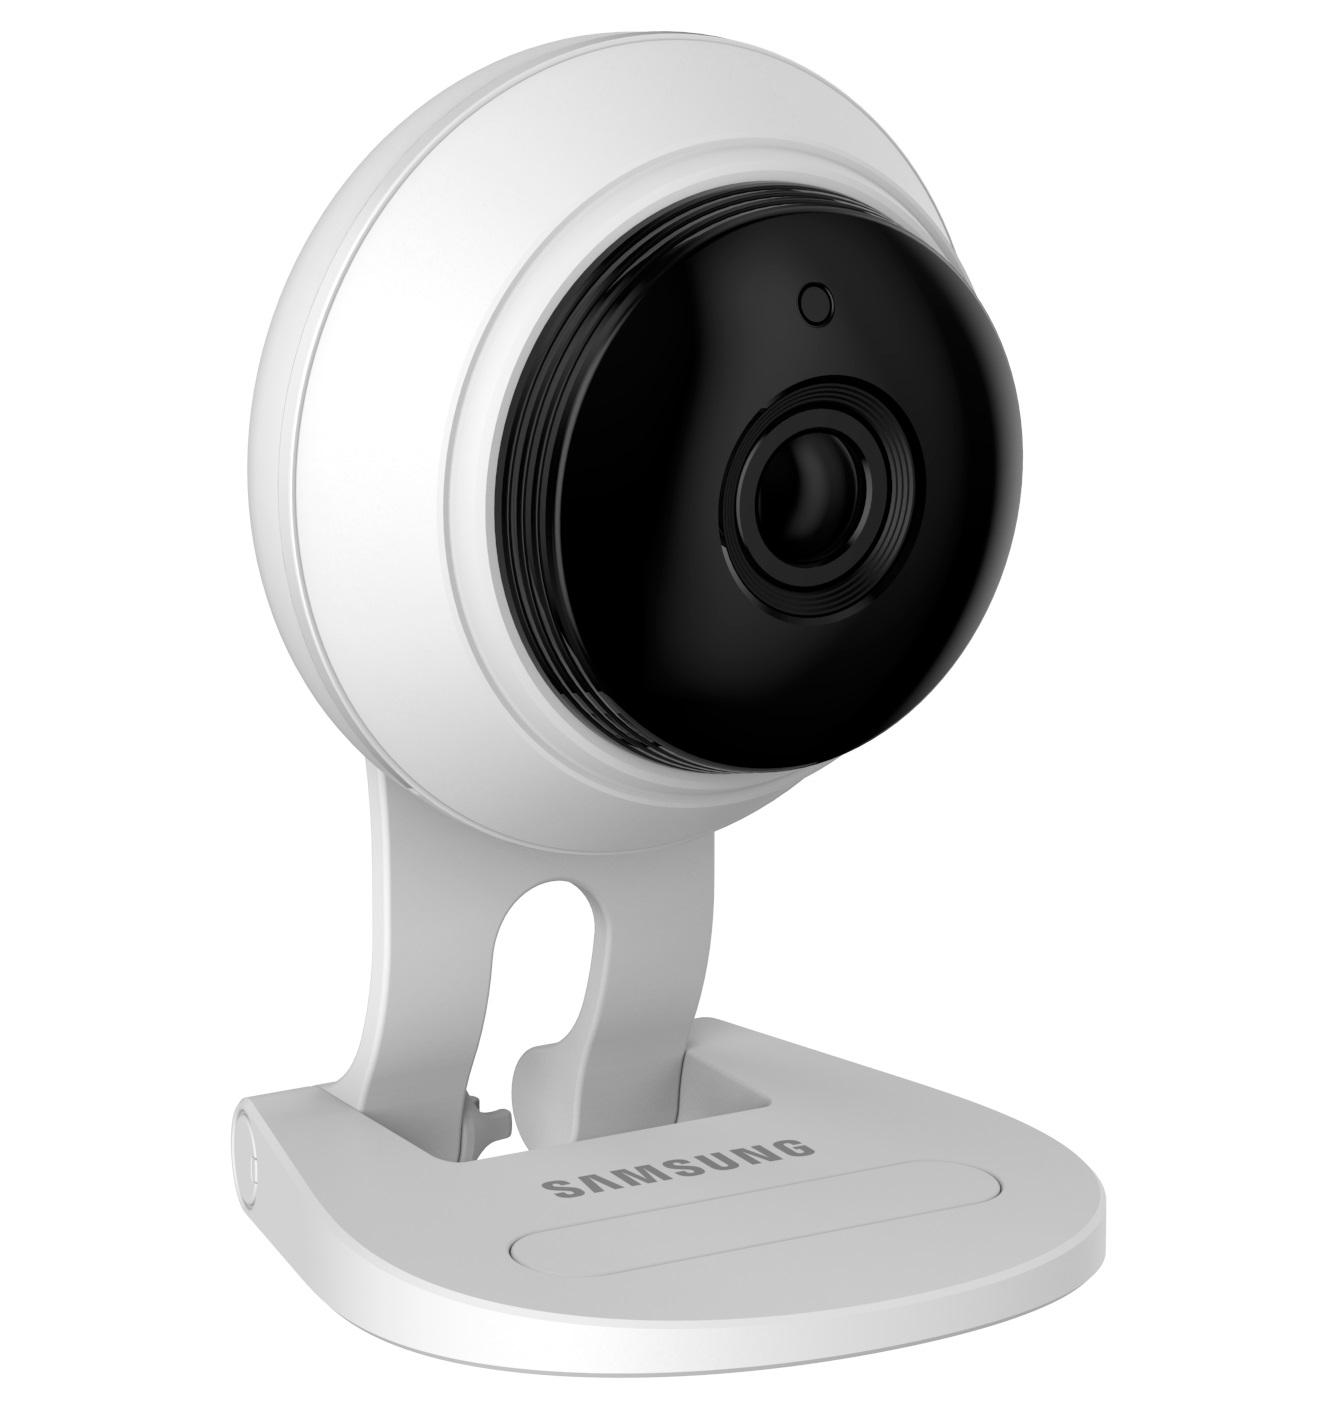 Купить Wi-Fi видеоняня Samsung SmartCam SNH-C6417BN